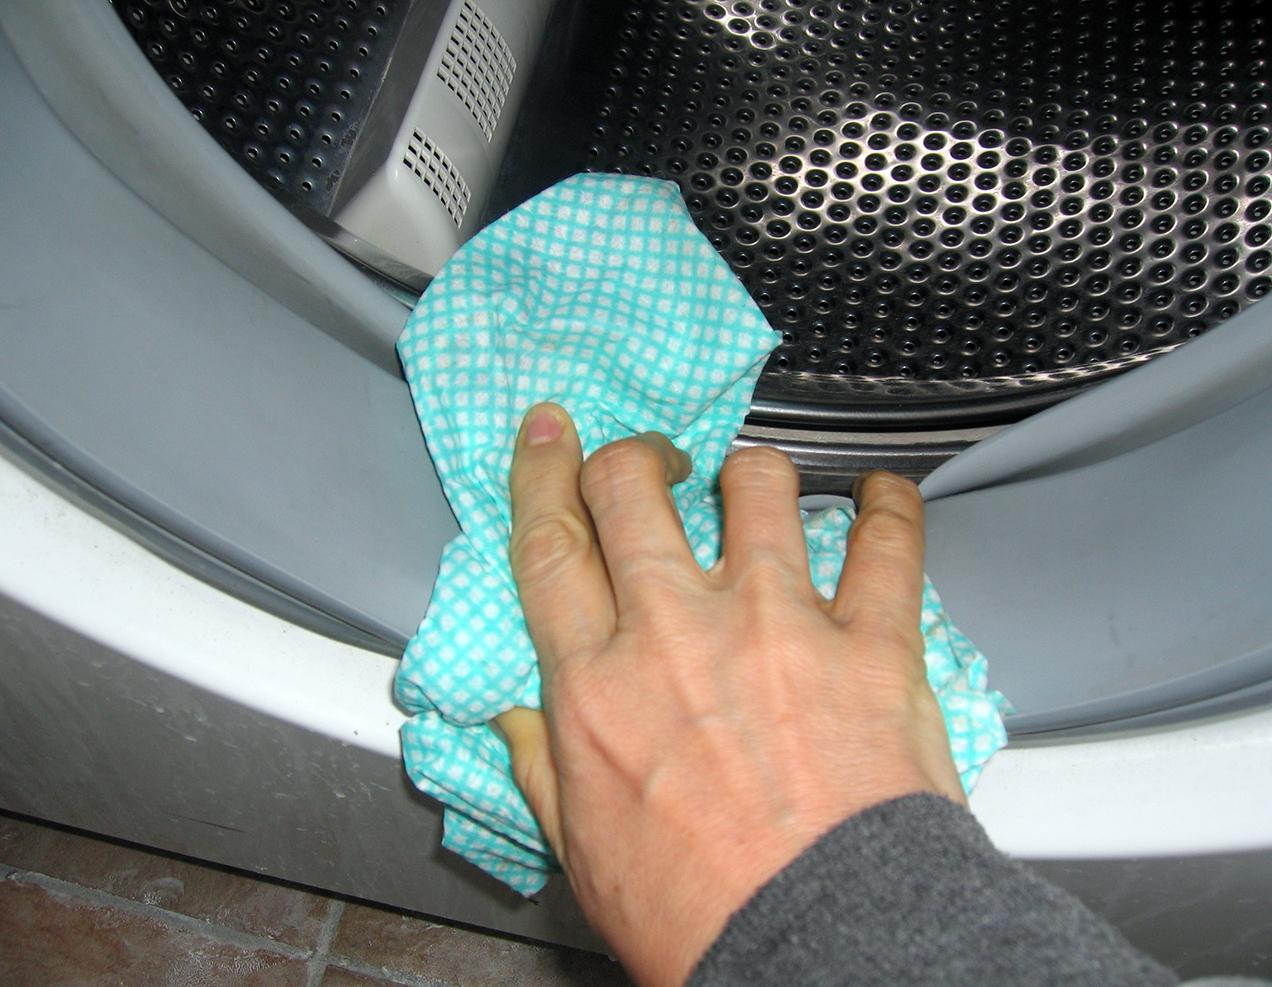 как почистить стиральную машину от накипи в домашних условиях